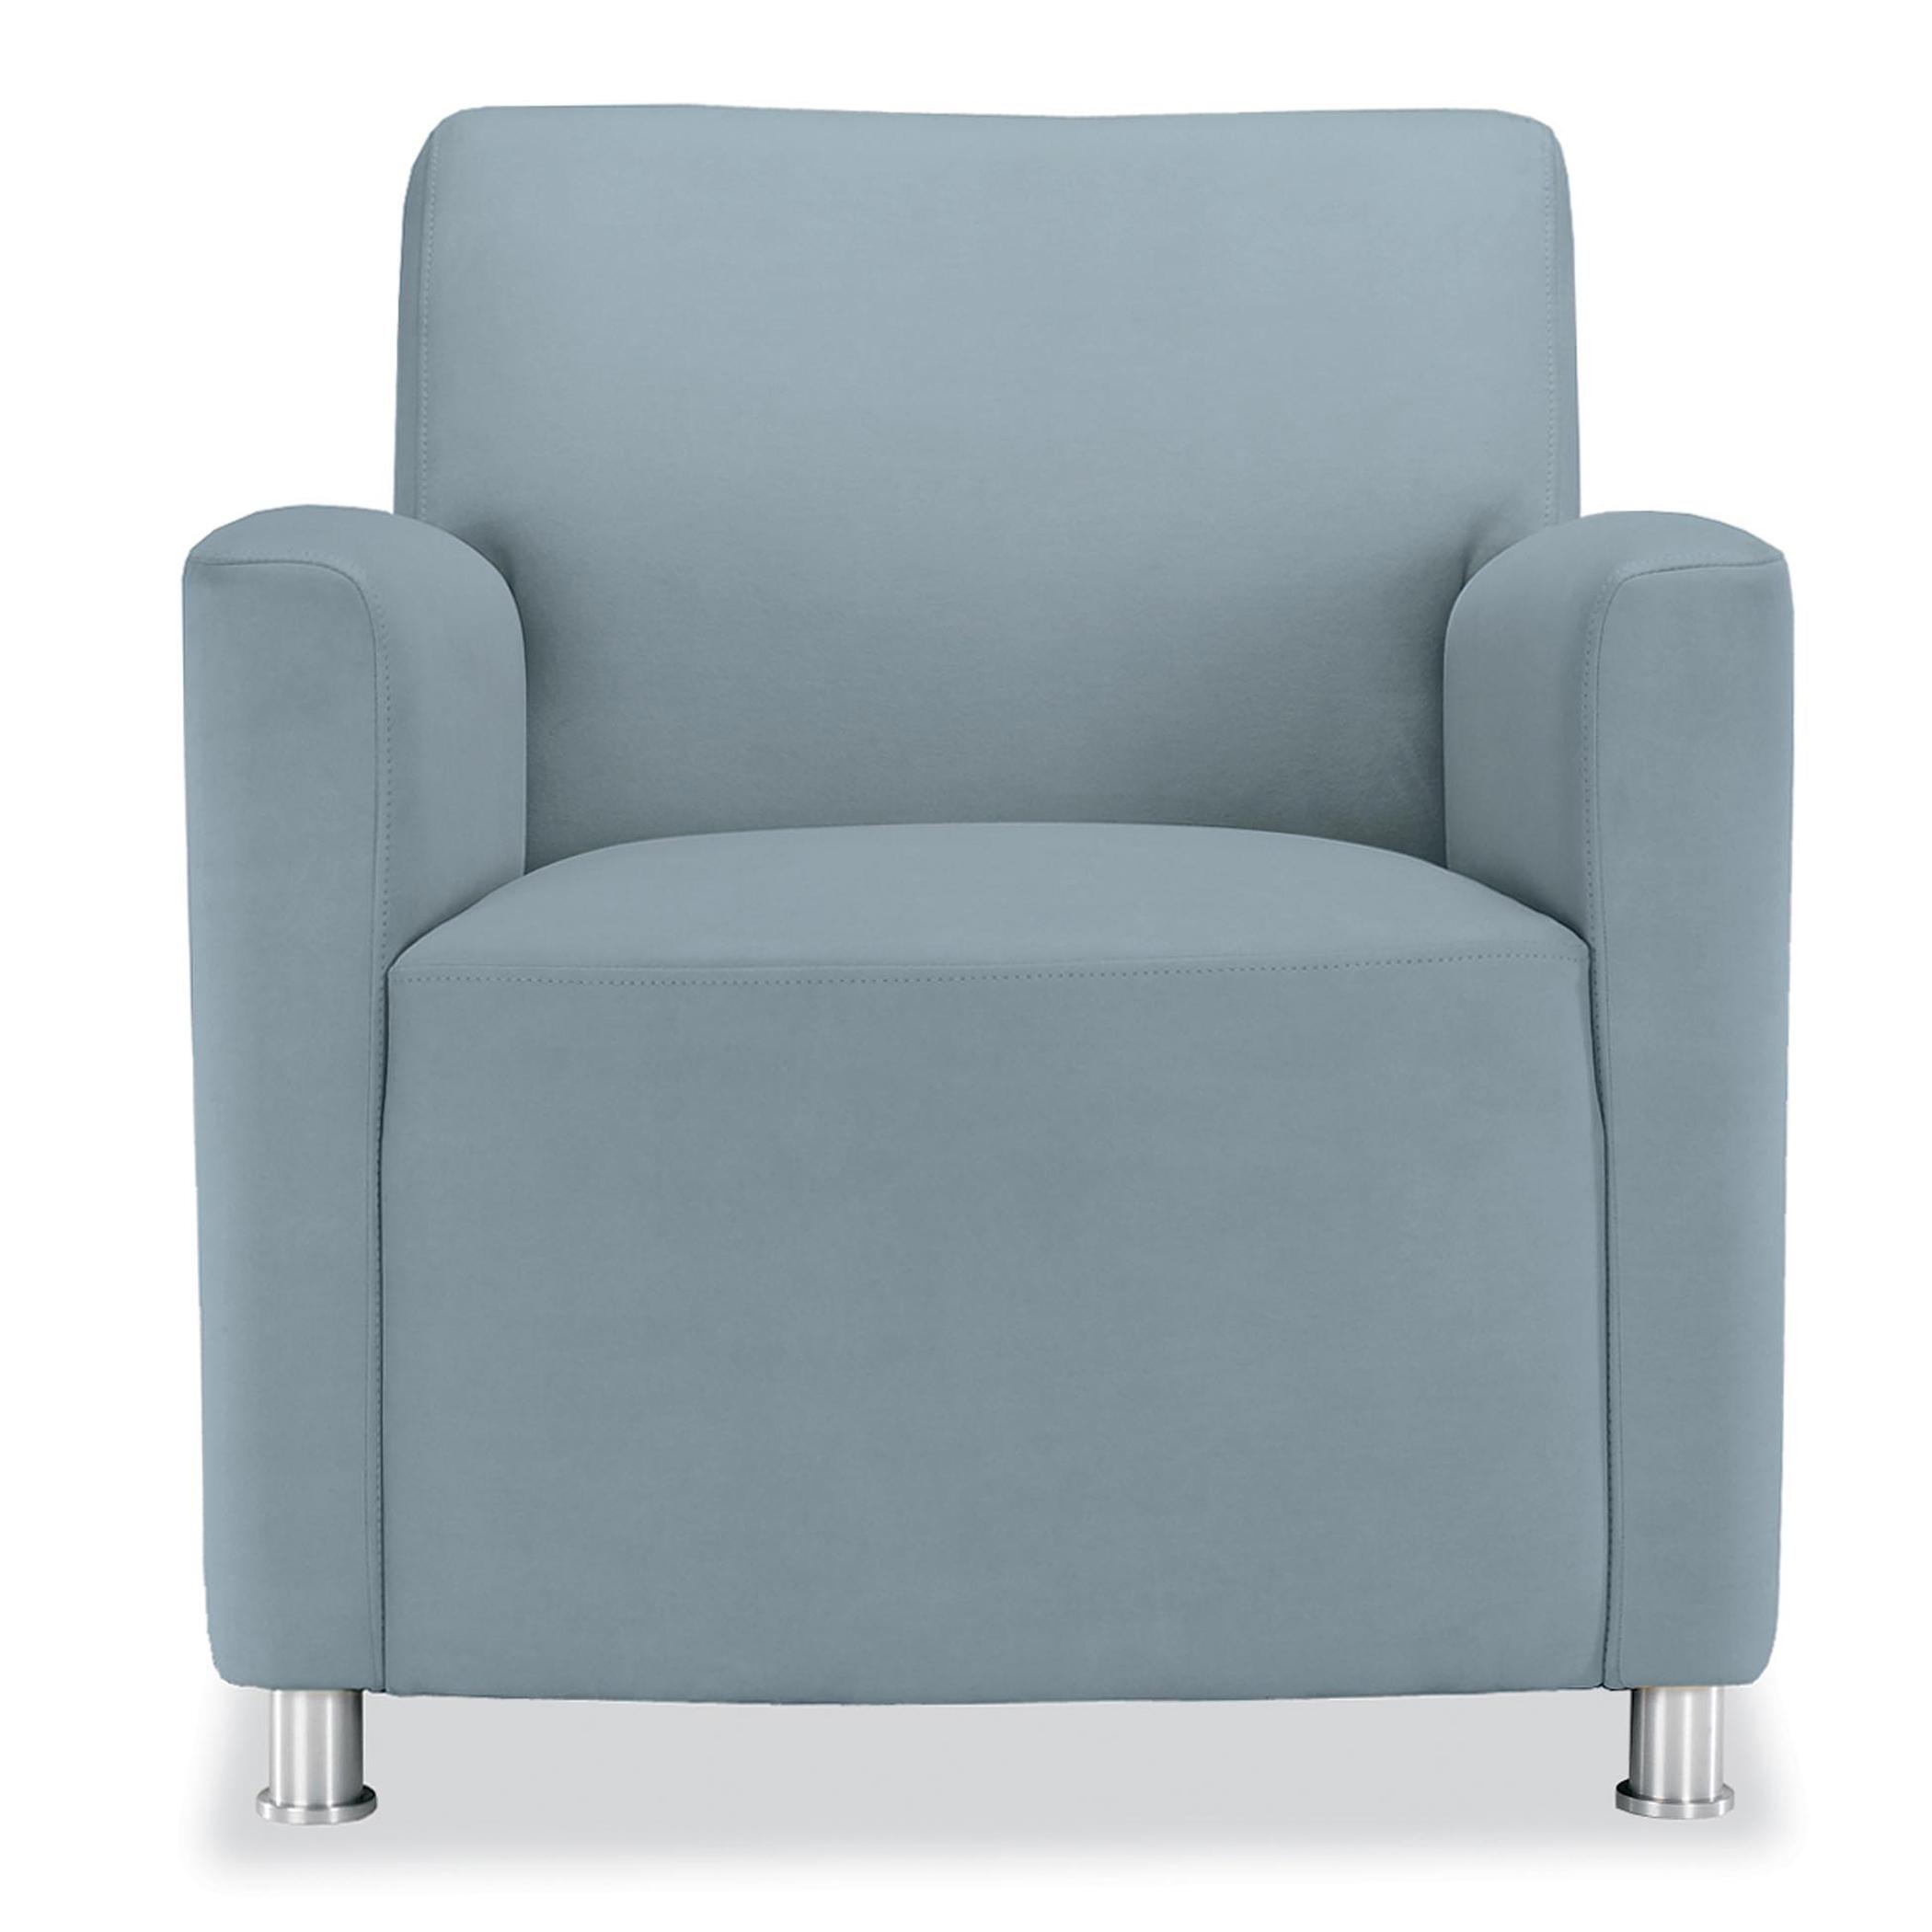 E1607 Lounge